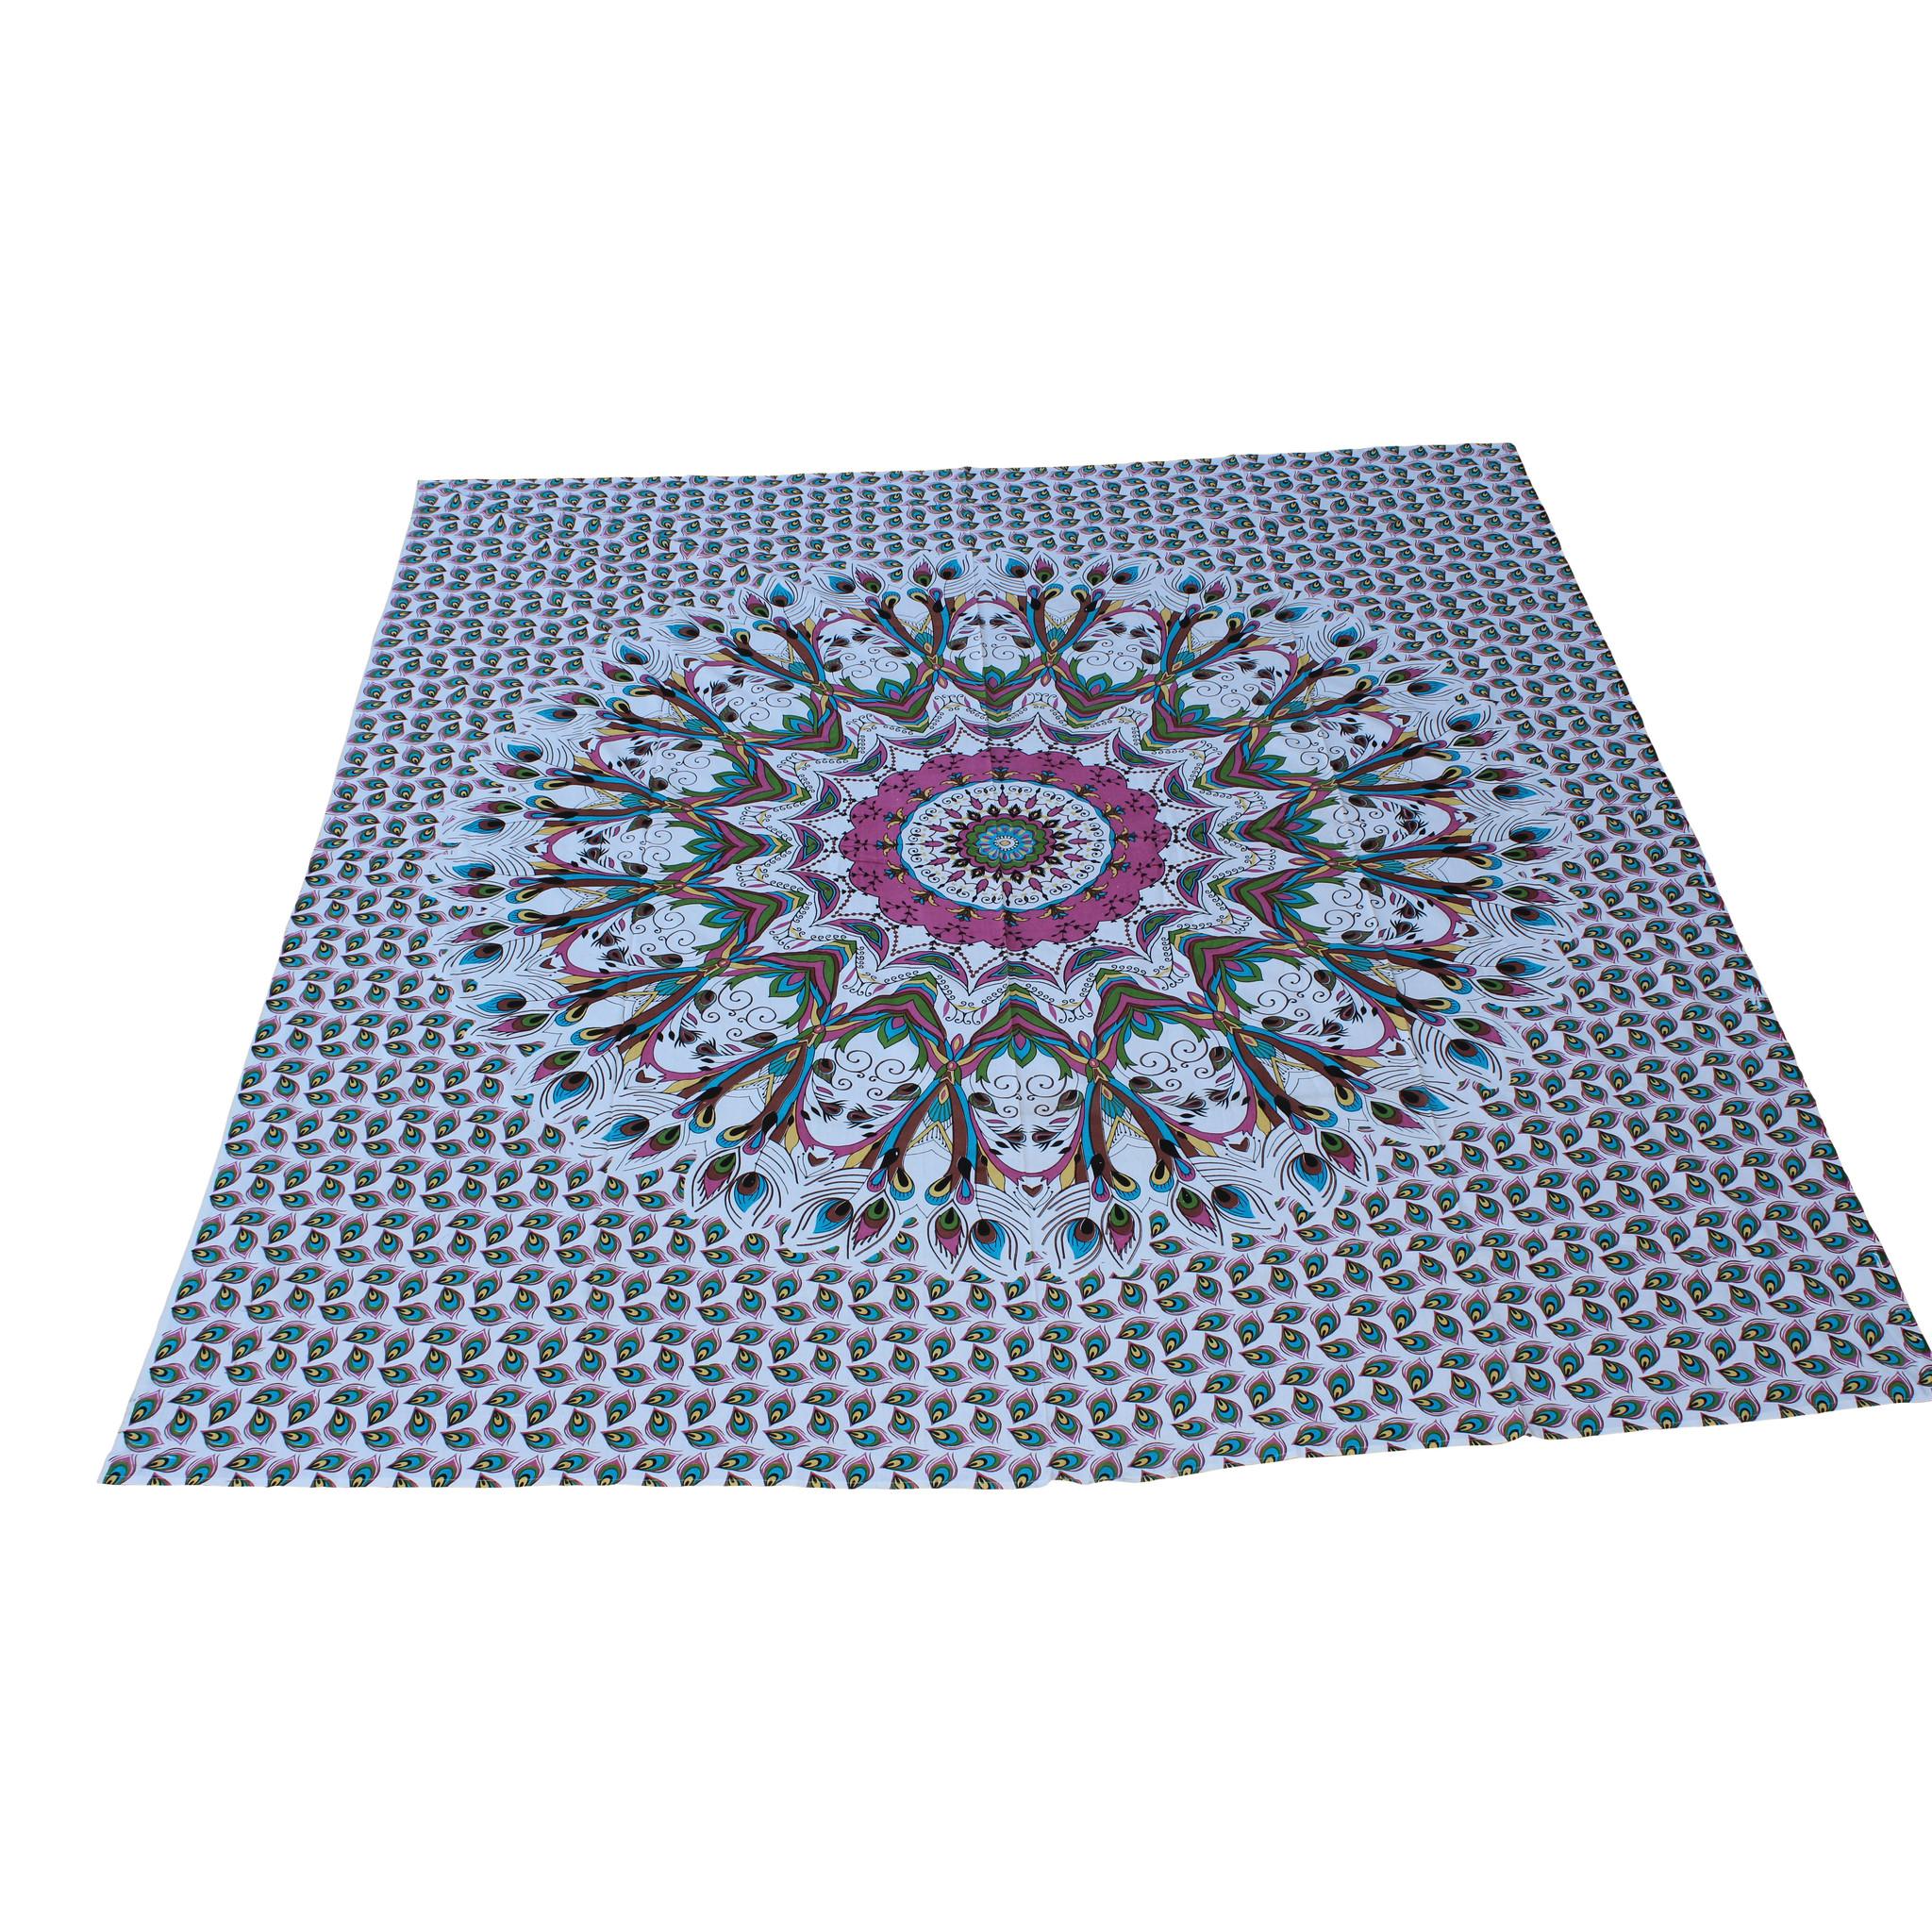 Myroundie Myroundie - roundie - vierkant strandlaken XL – yoga kleed- speelkleed - picknickkleed -100% katoen – Q49